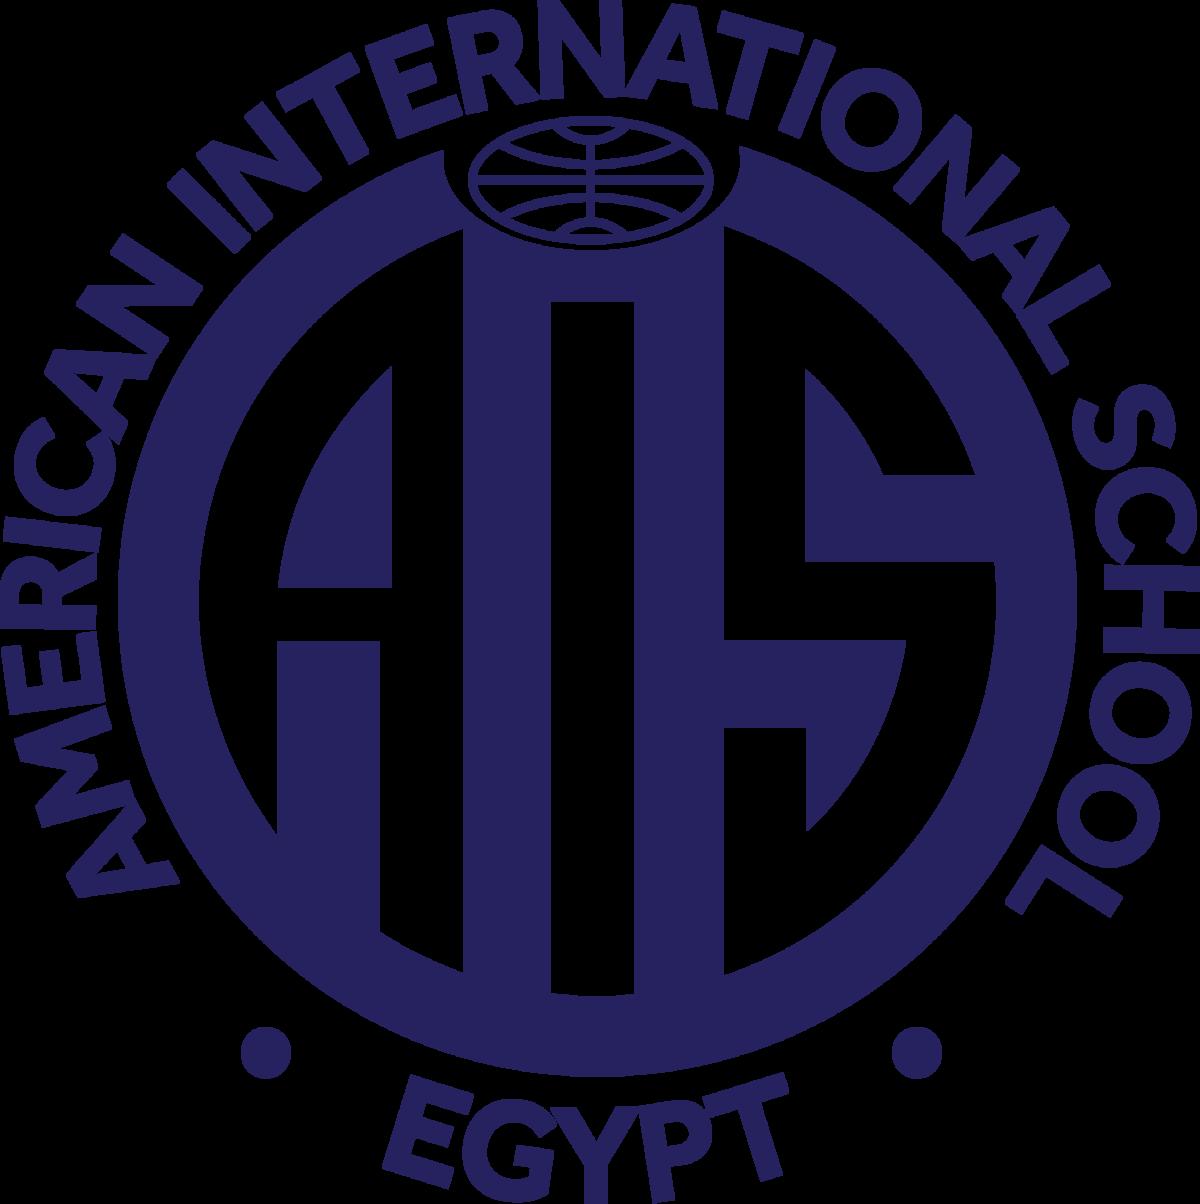 American International School in Egypt - Wikipedia